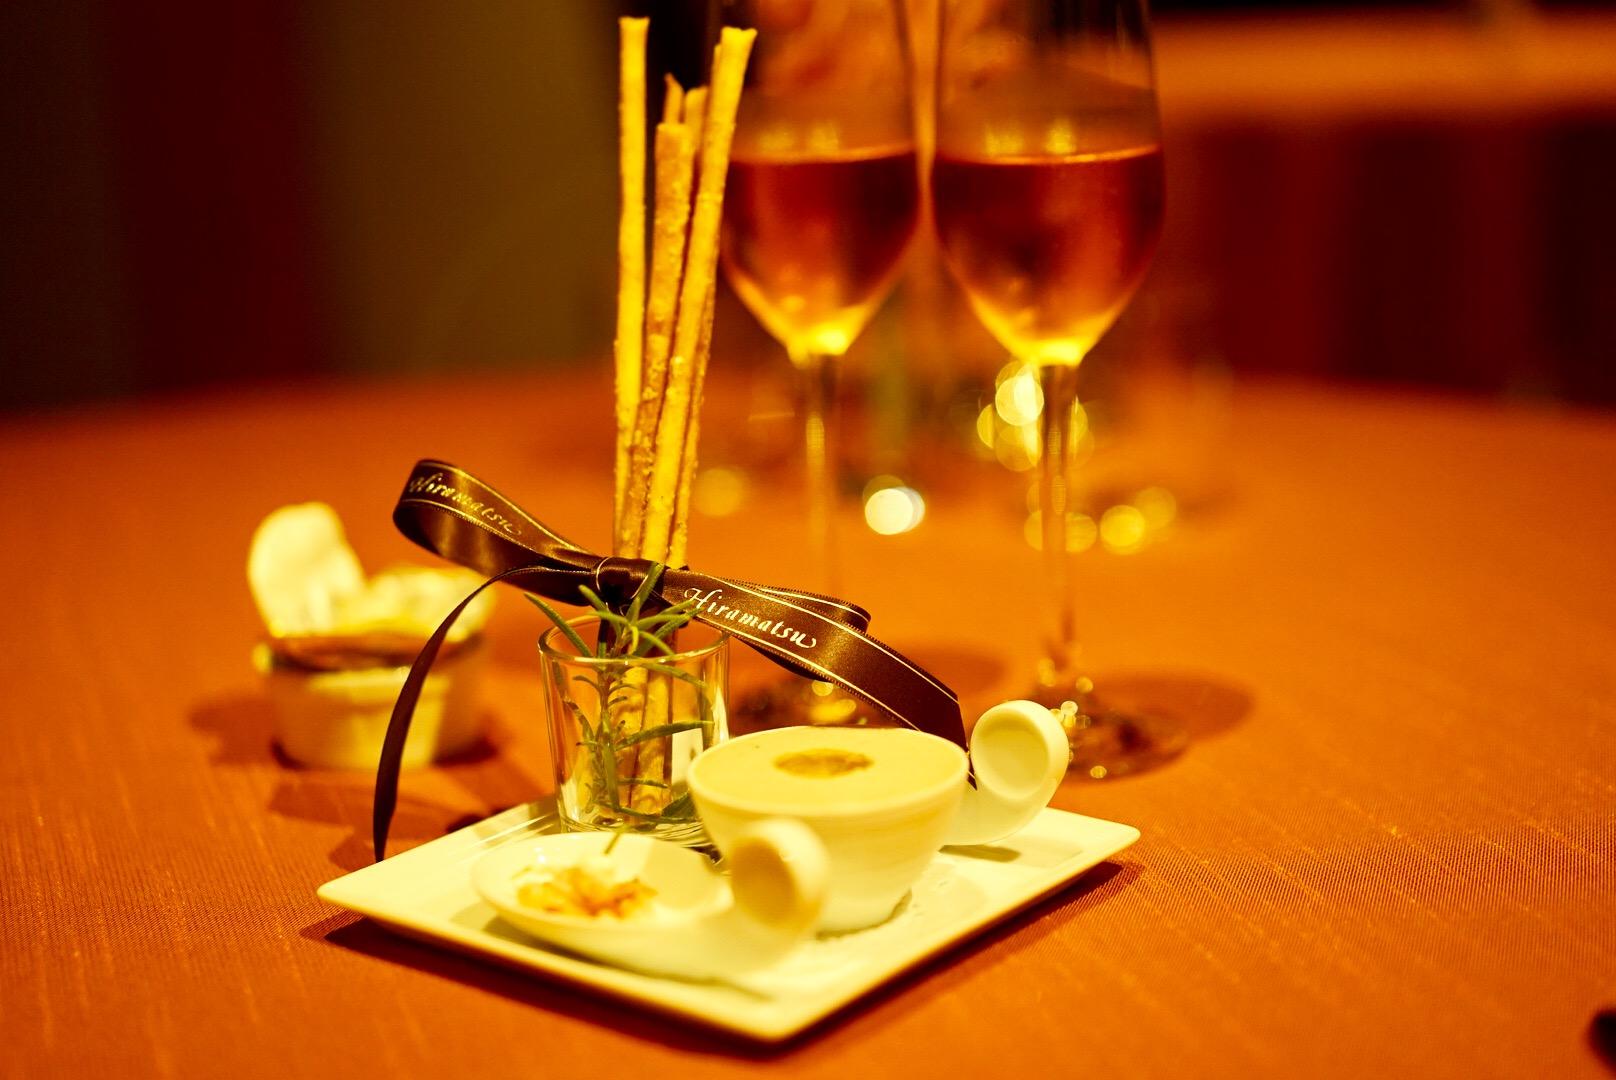 【まとめ】熱海 ひらまつ ホテルズ アンド リゾーツ 熱海 で美食を極めたSLH {食事編}